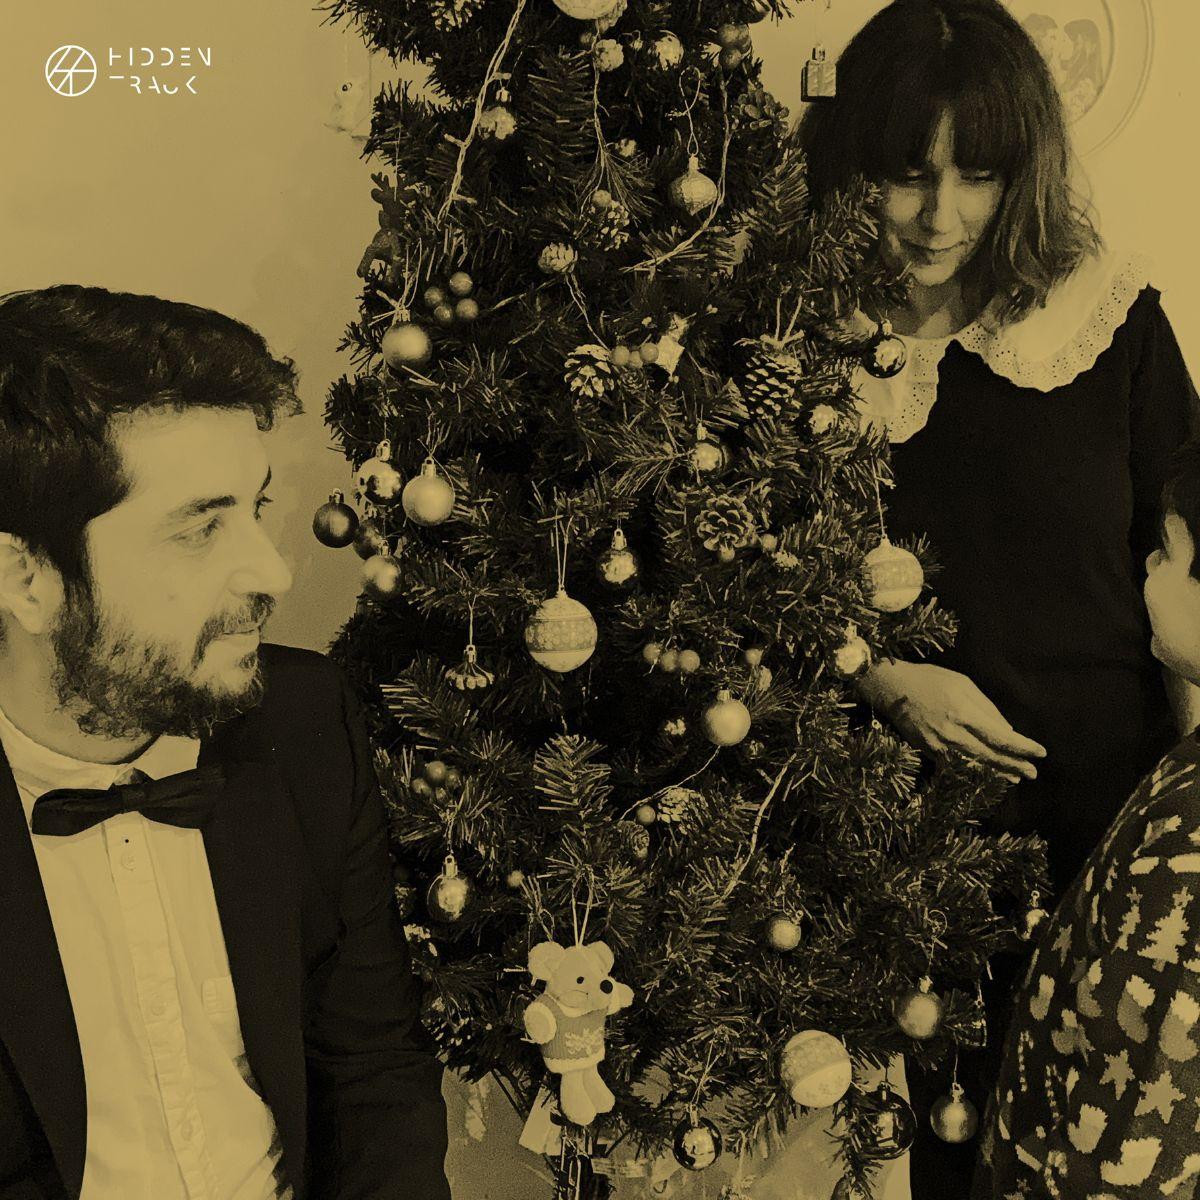 Nacho Casado presenta canción inédita para felicitar las fiestas: Medianoche en Navidad